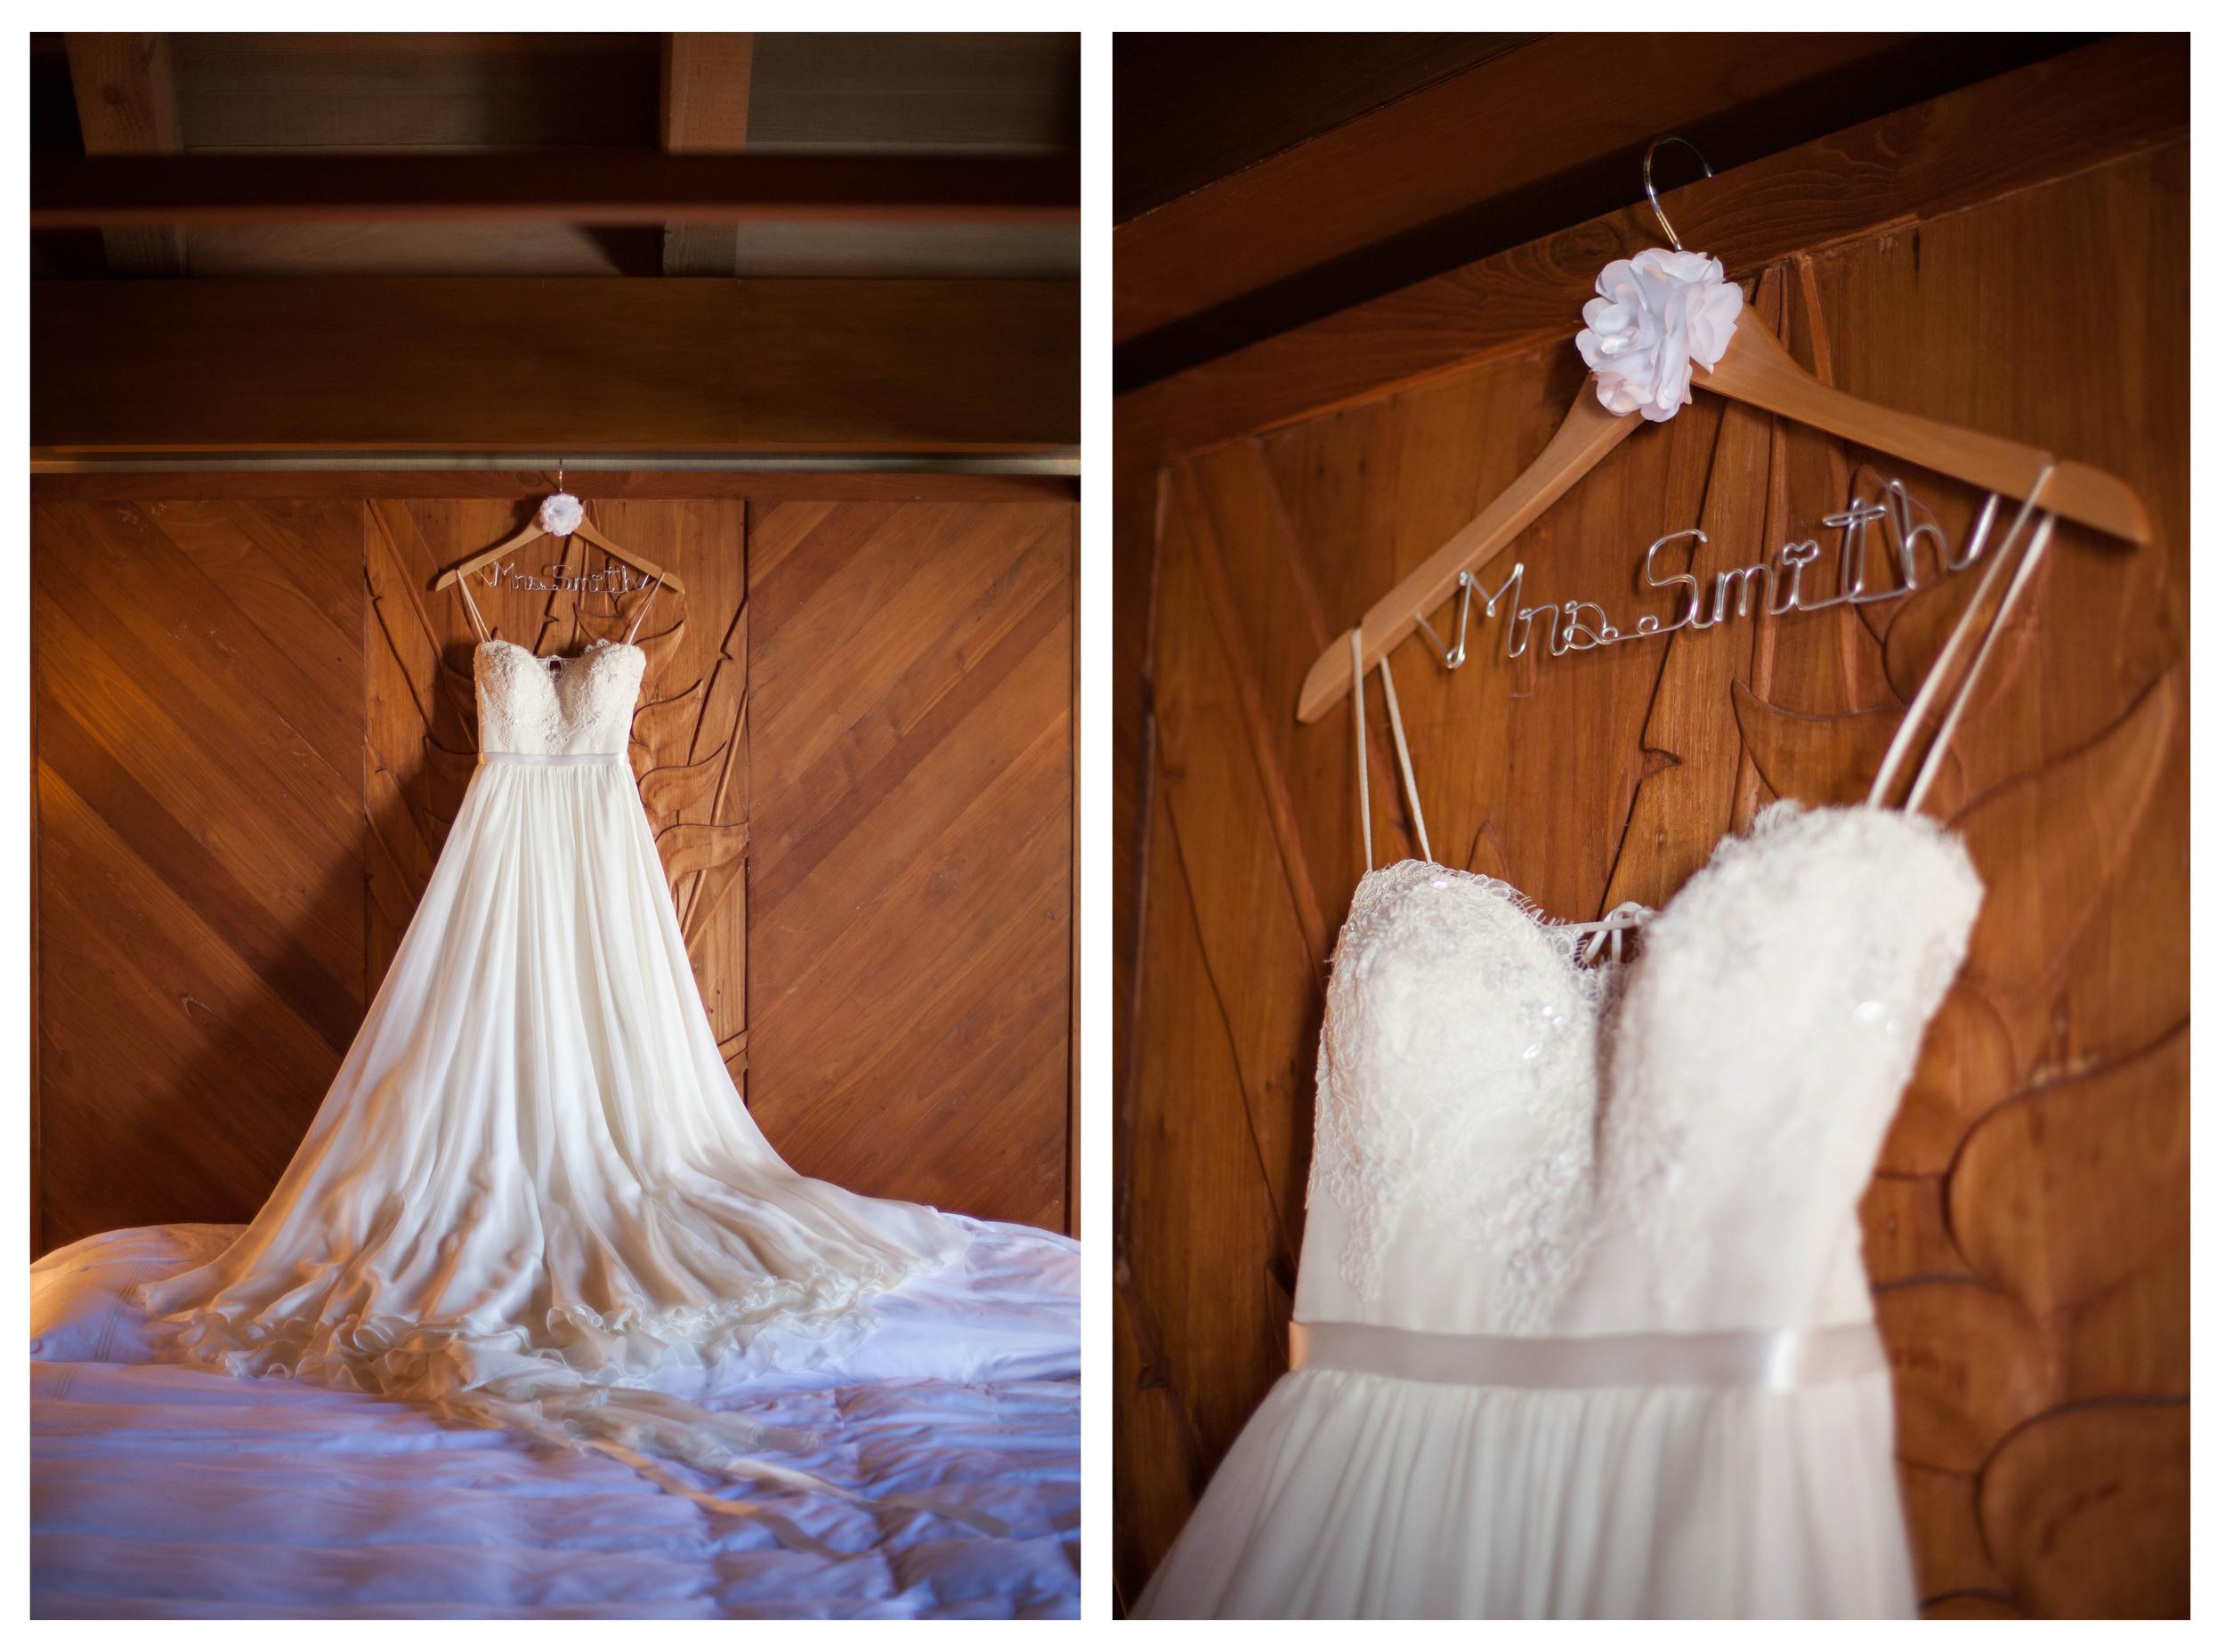 big island hawaii mauna lani resort wedding © kelilina photography 20160131131244-2 copy.jpg